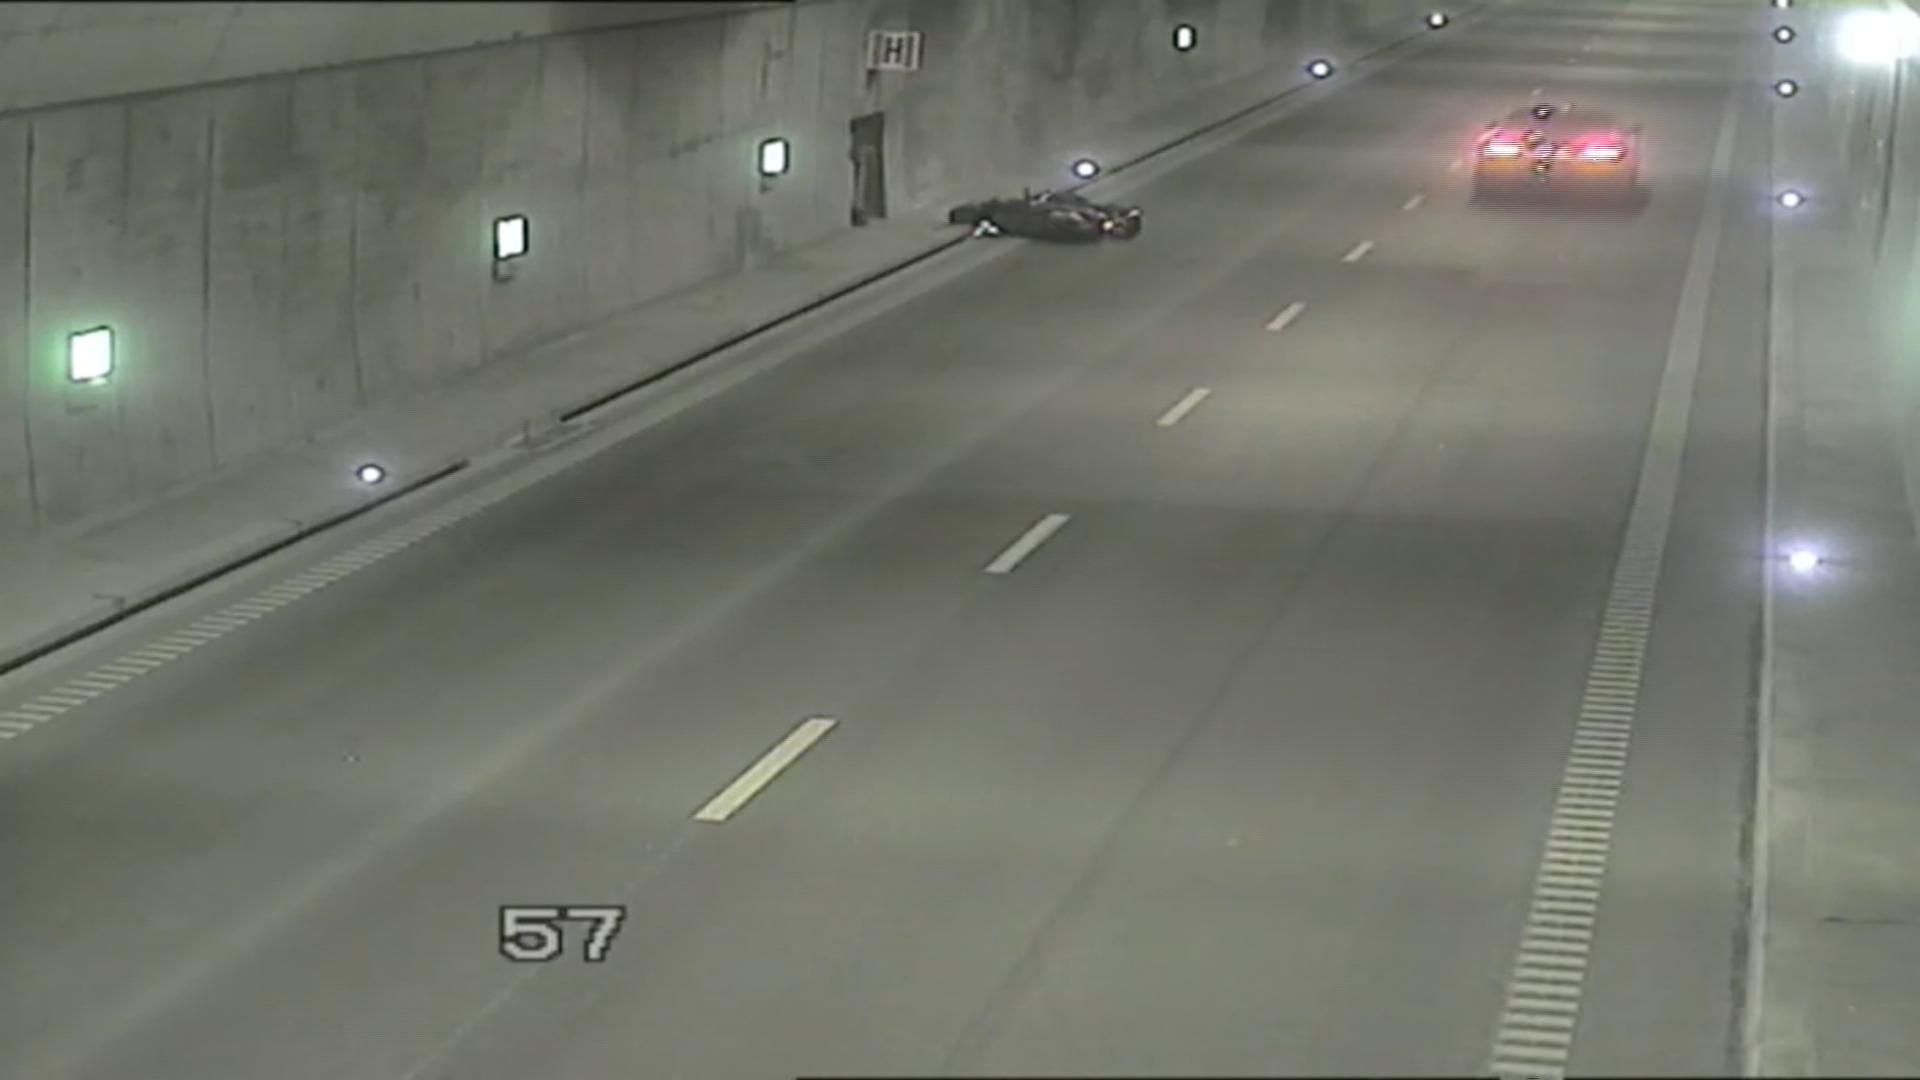 11.10.2018 | Motocyklista wywrócił się w tunelu, kierowcy aut nie zareagowali